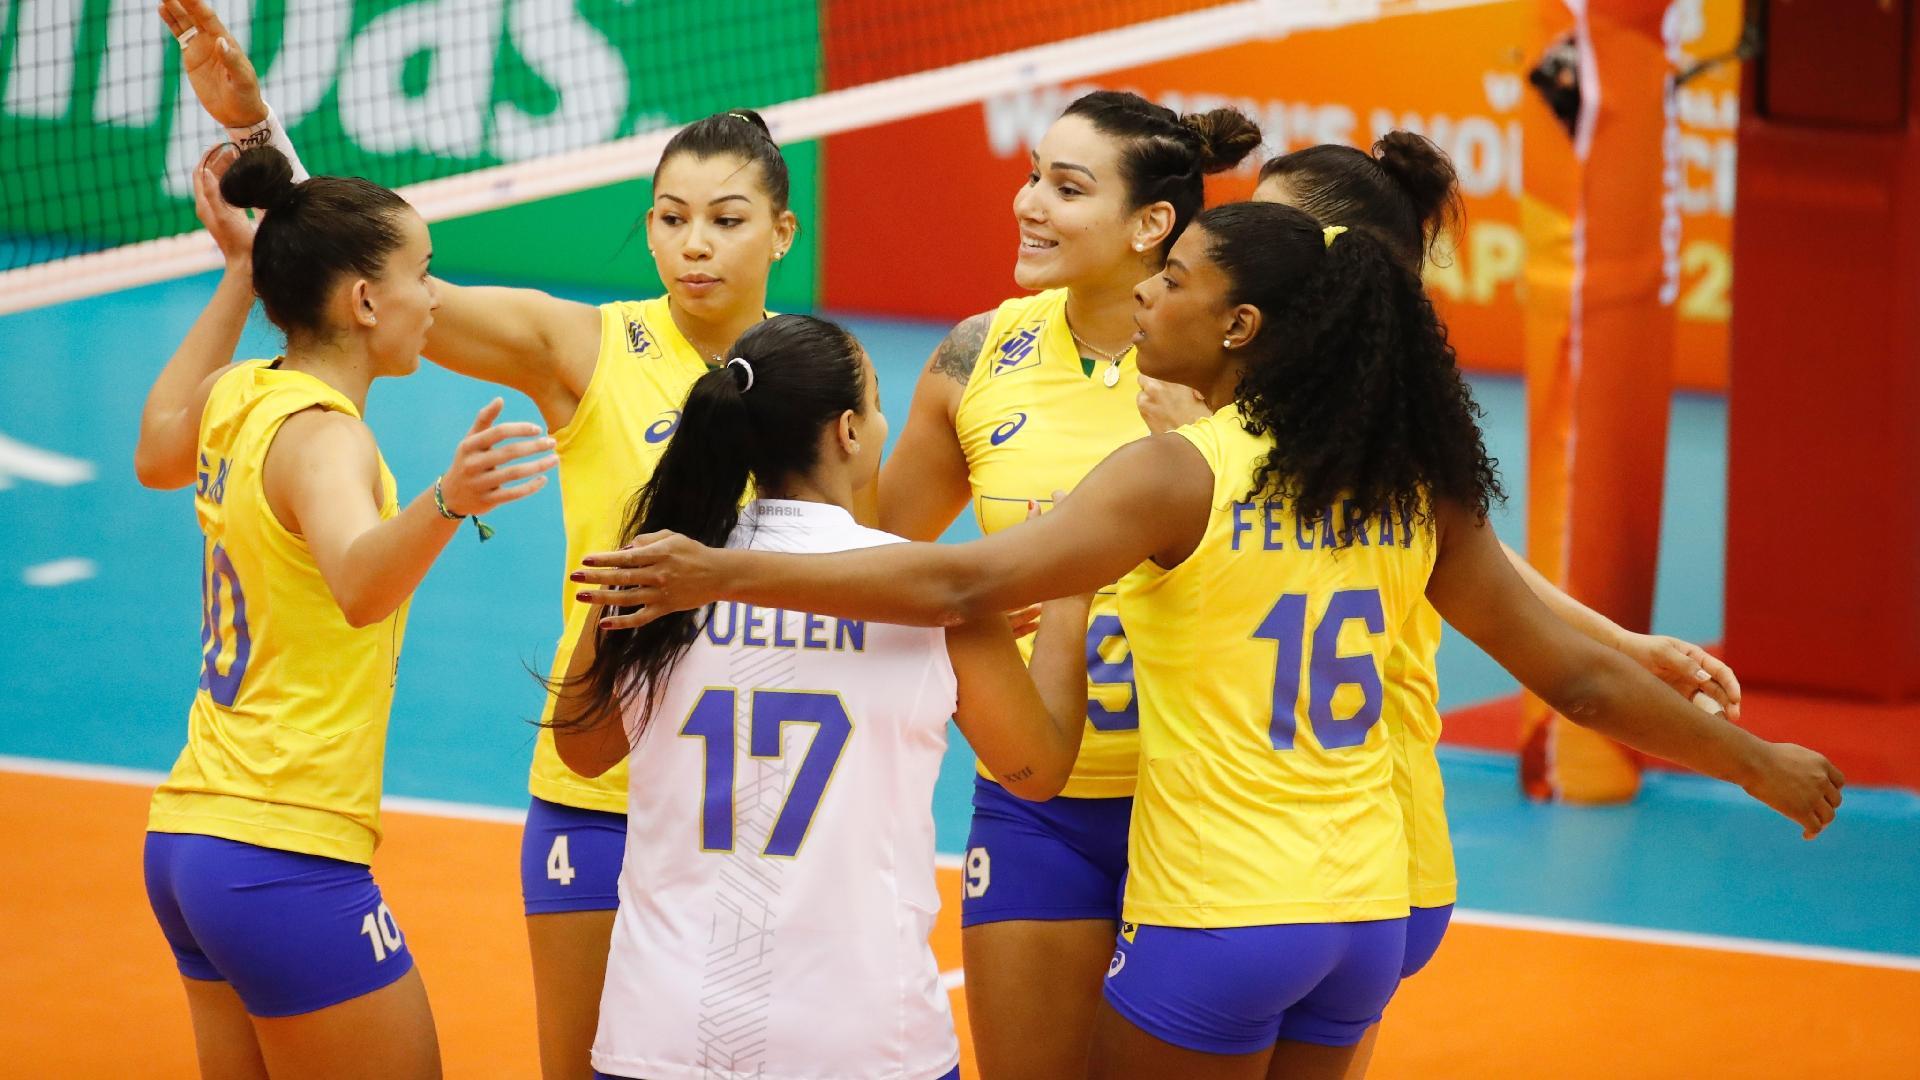 Jogadoras da seleção brasileira comemoram ponto conquistado contra o Cazaquistão